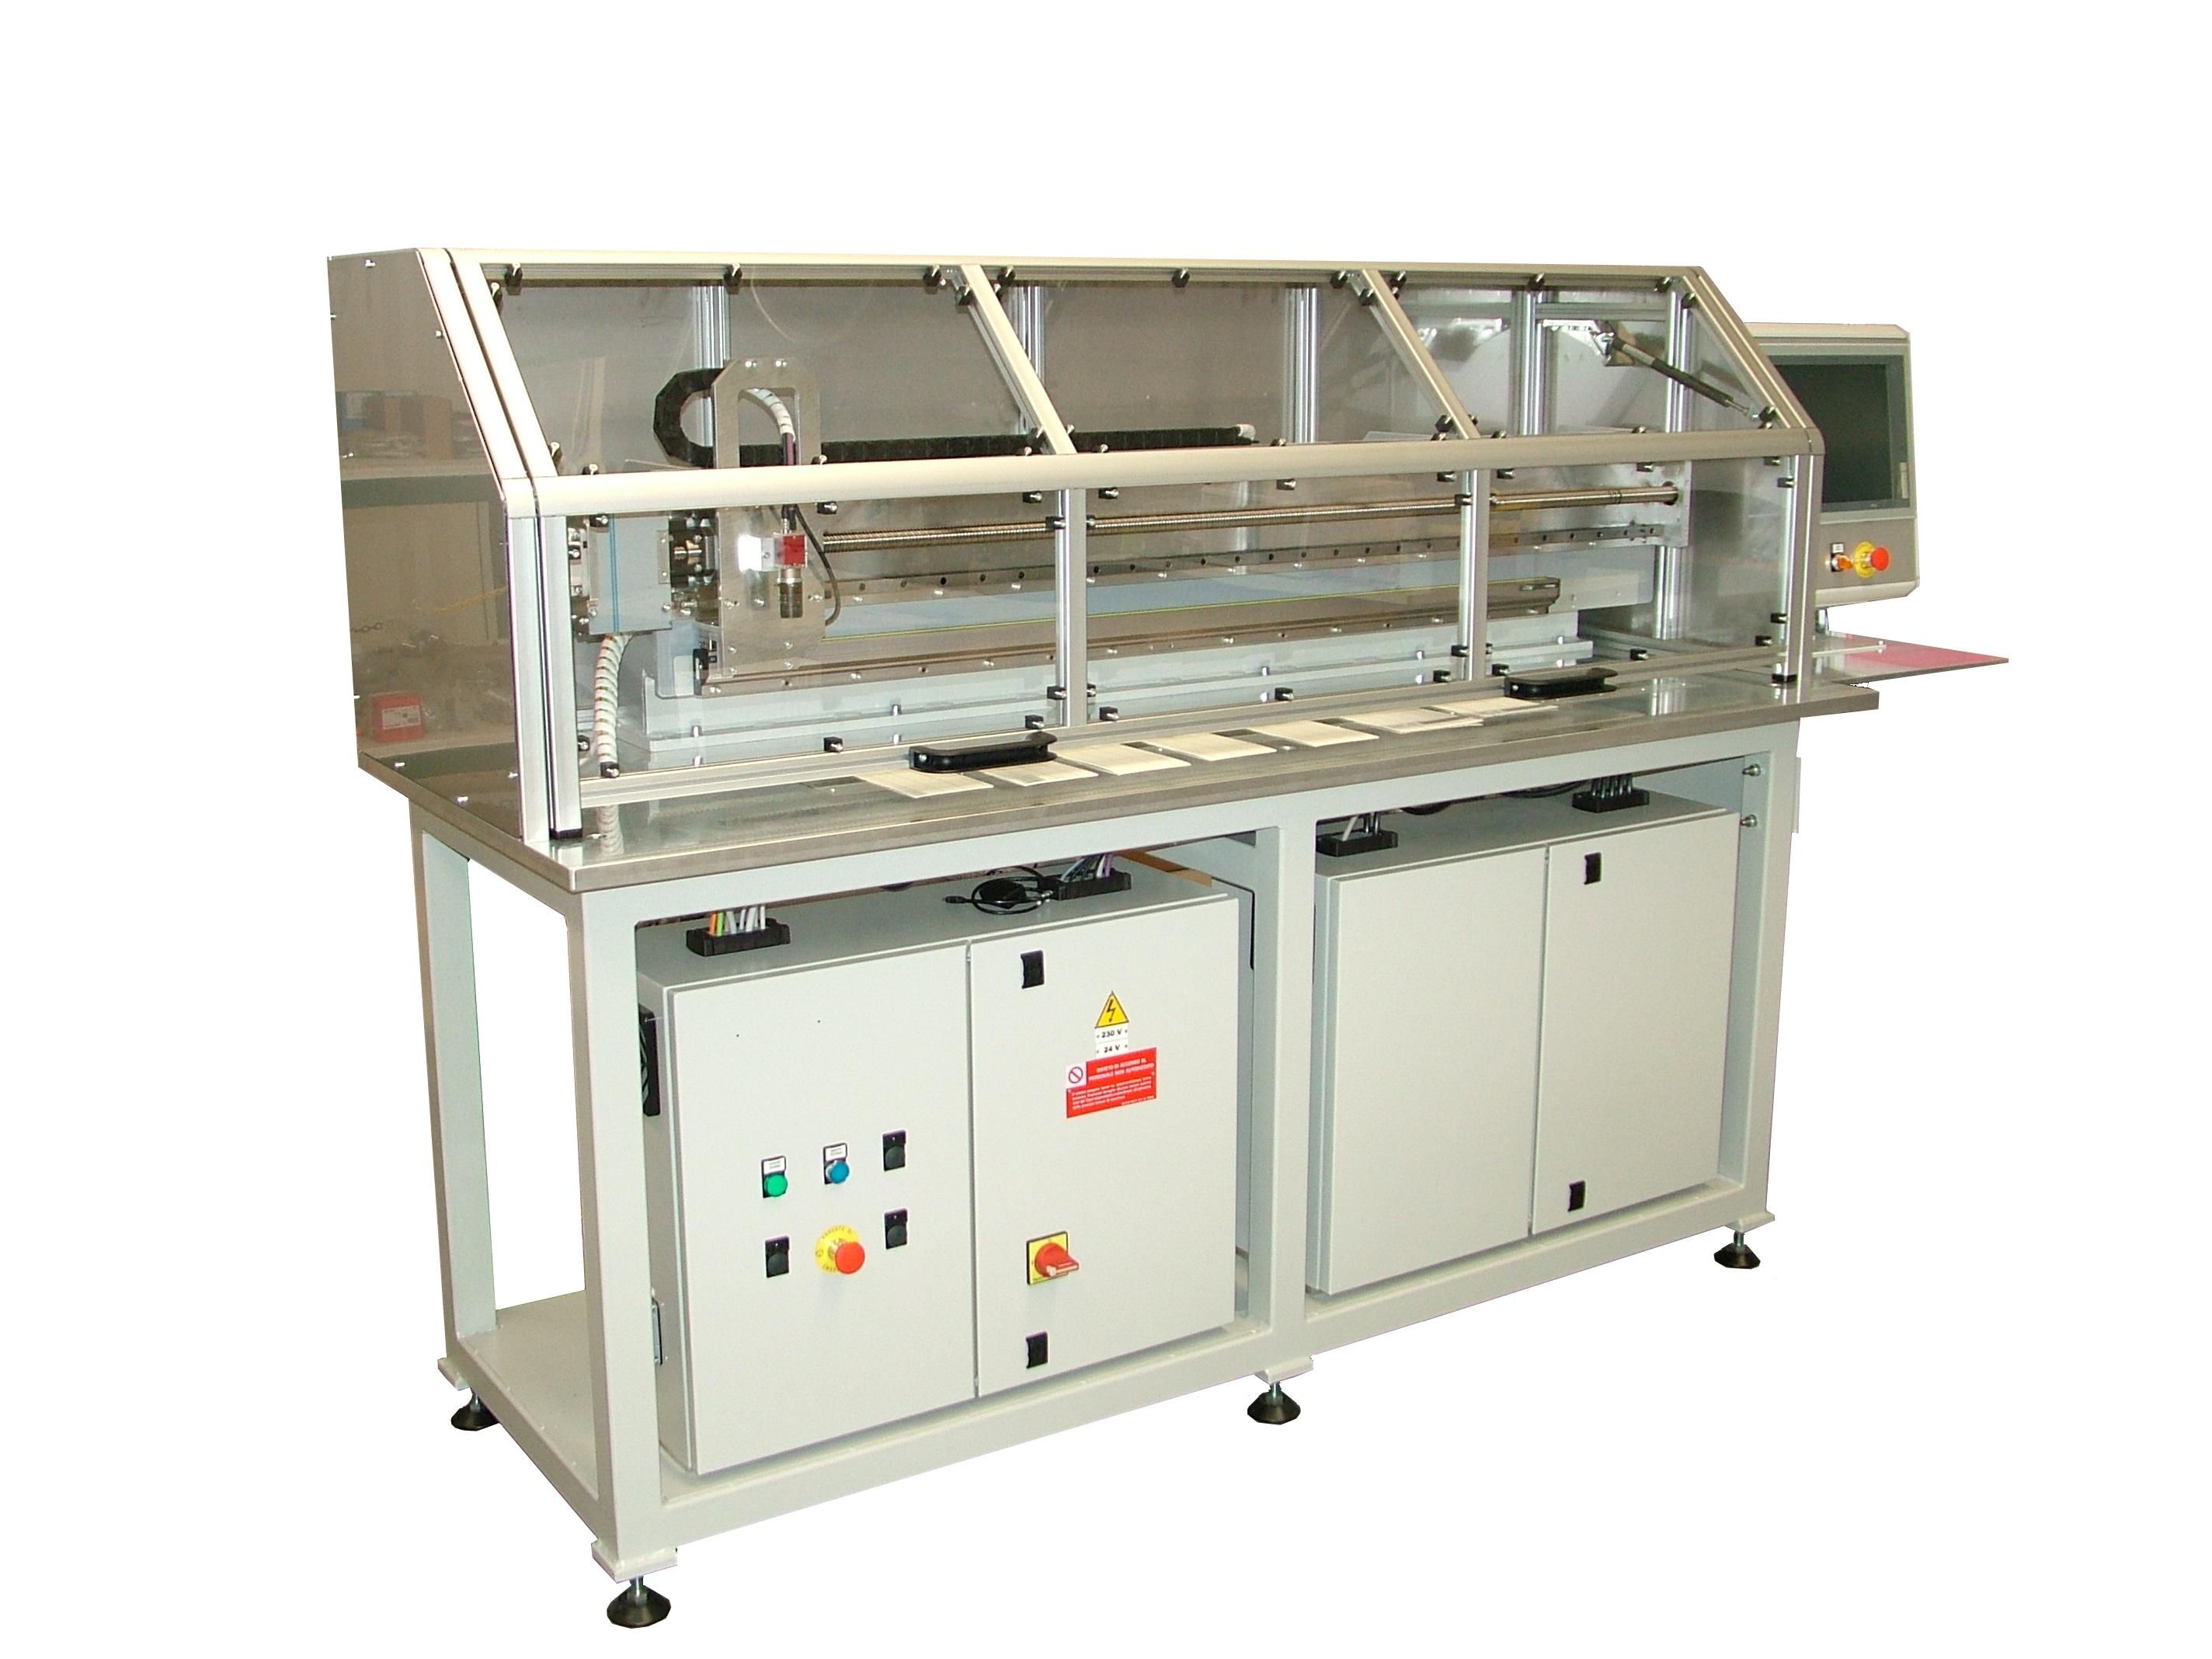 sistemi per il controllo di formato carta e la misura di larghezza